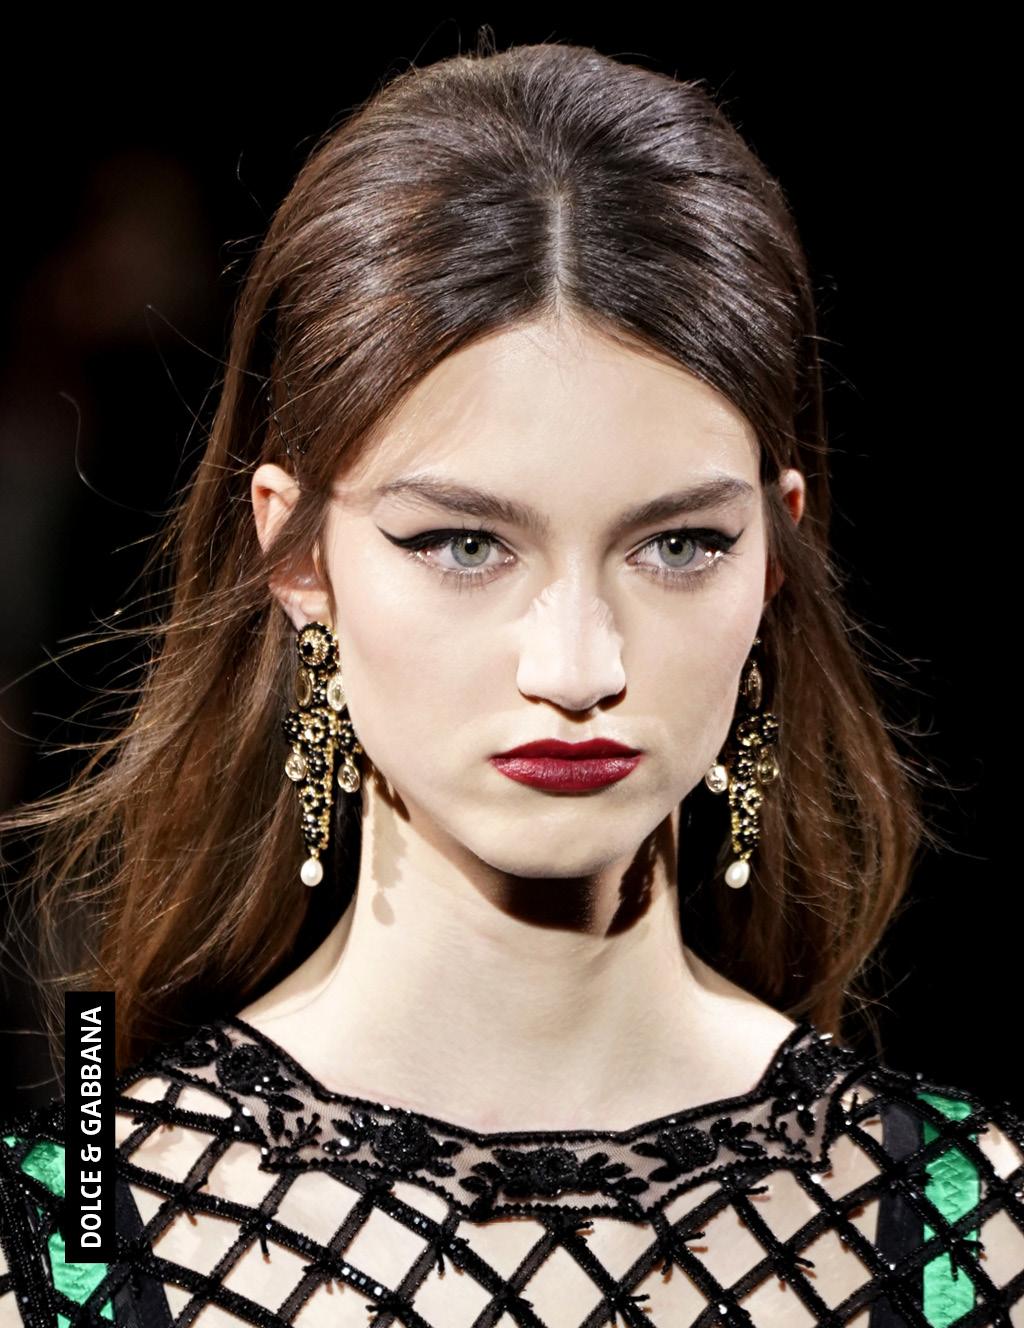 Dolce-n-Gabbana_bty_W_F20_MI_028_3356329